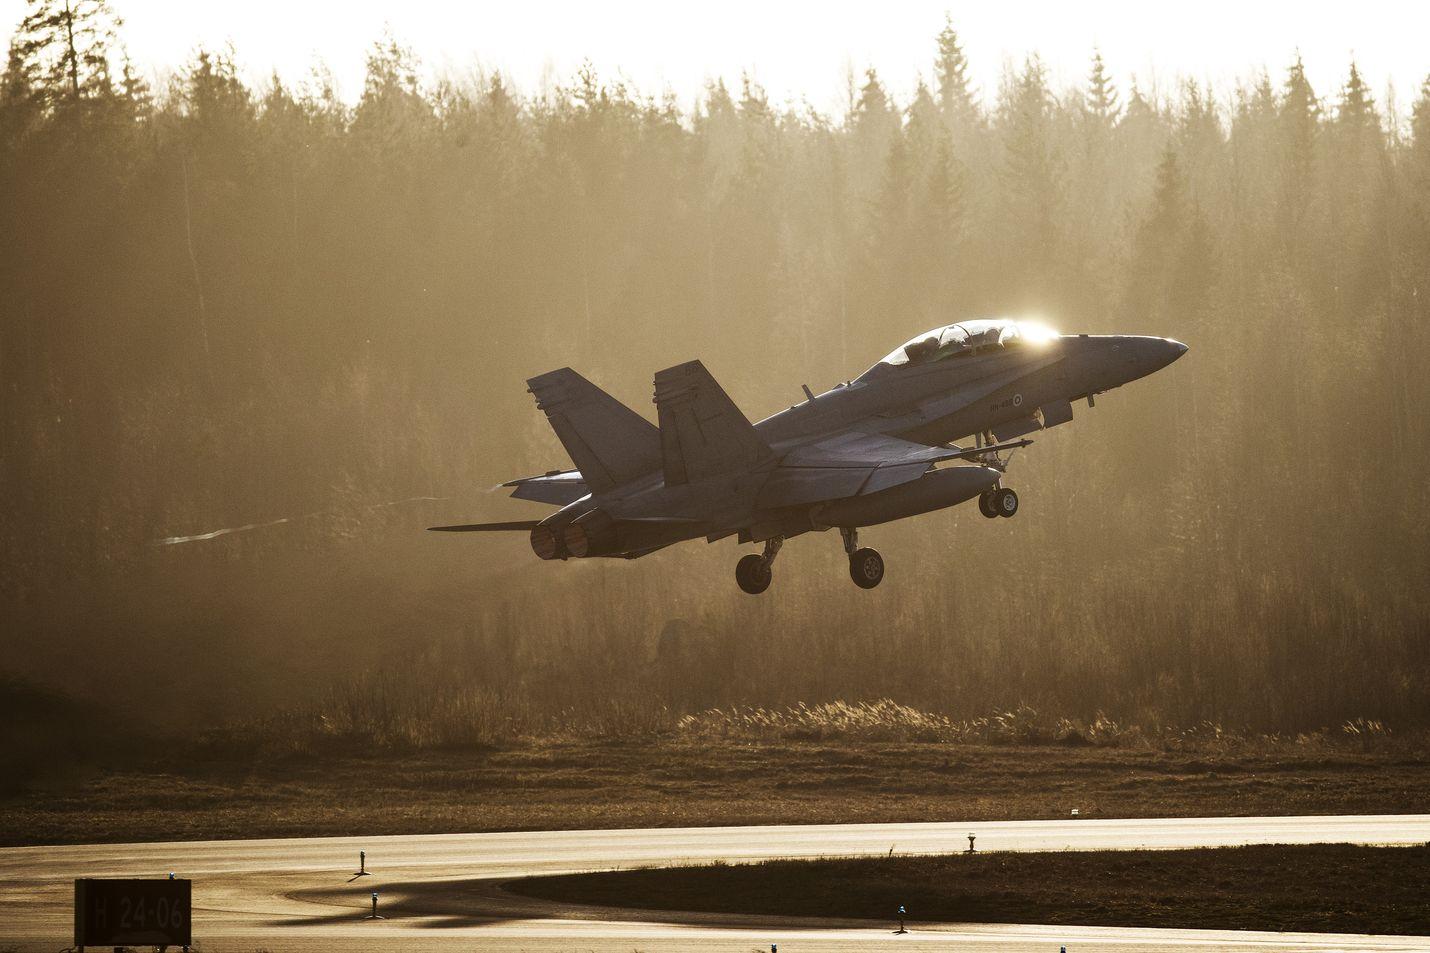 Hornet-kauppa runnottiin vuonna 1992 läpi presidentti George Bushin aikana. Suomi siirtyi hetkessä edellisvuoden lopussa hajonneen Neuvostoliiton kyljestä Yhdysvaltain asekauppakumppaniksi.